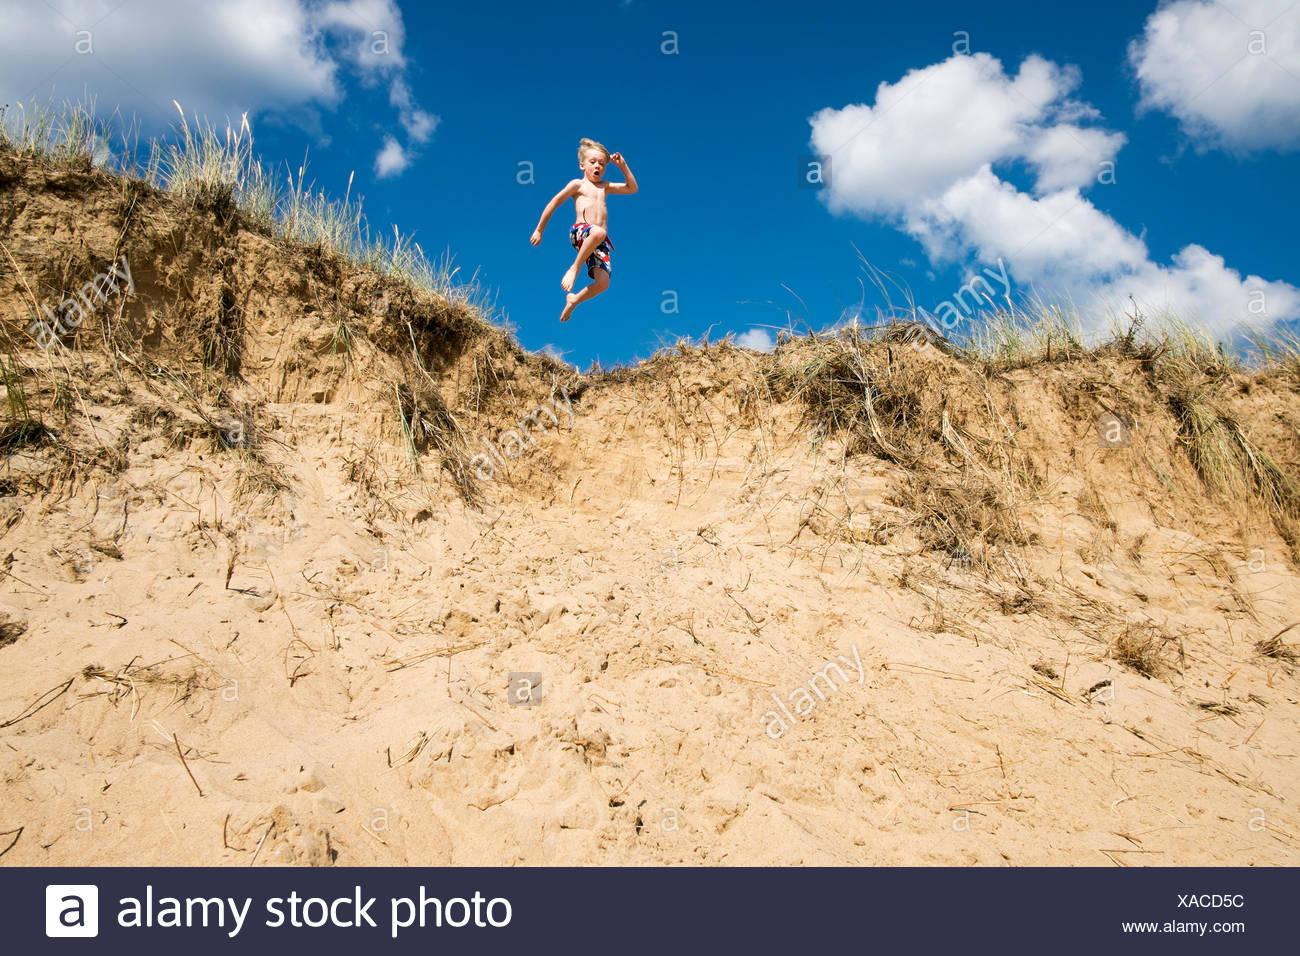 Suecia, Halland, Halmstad, Tylosand, Boy (6-7) saltando de un precipicio de arena Imagen De Stock